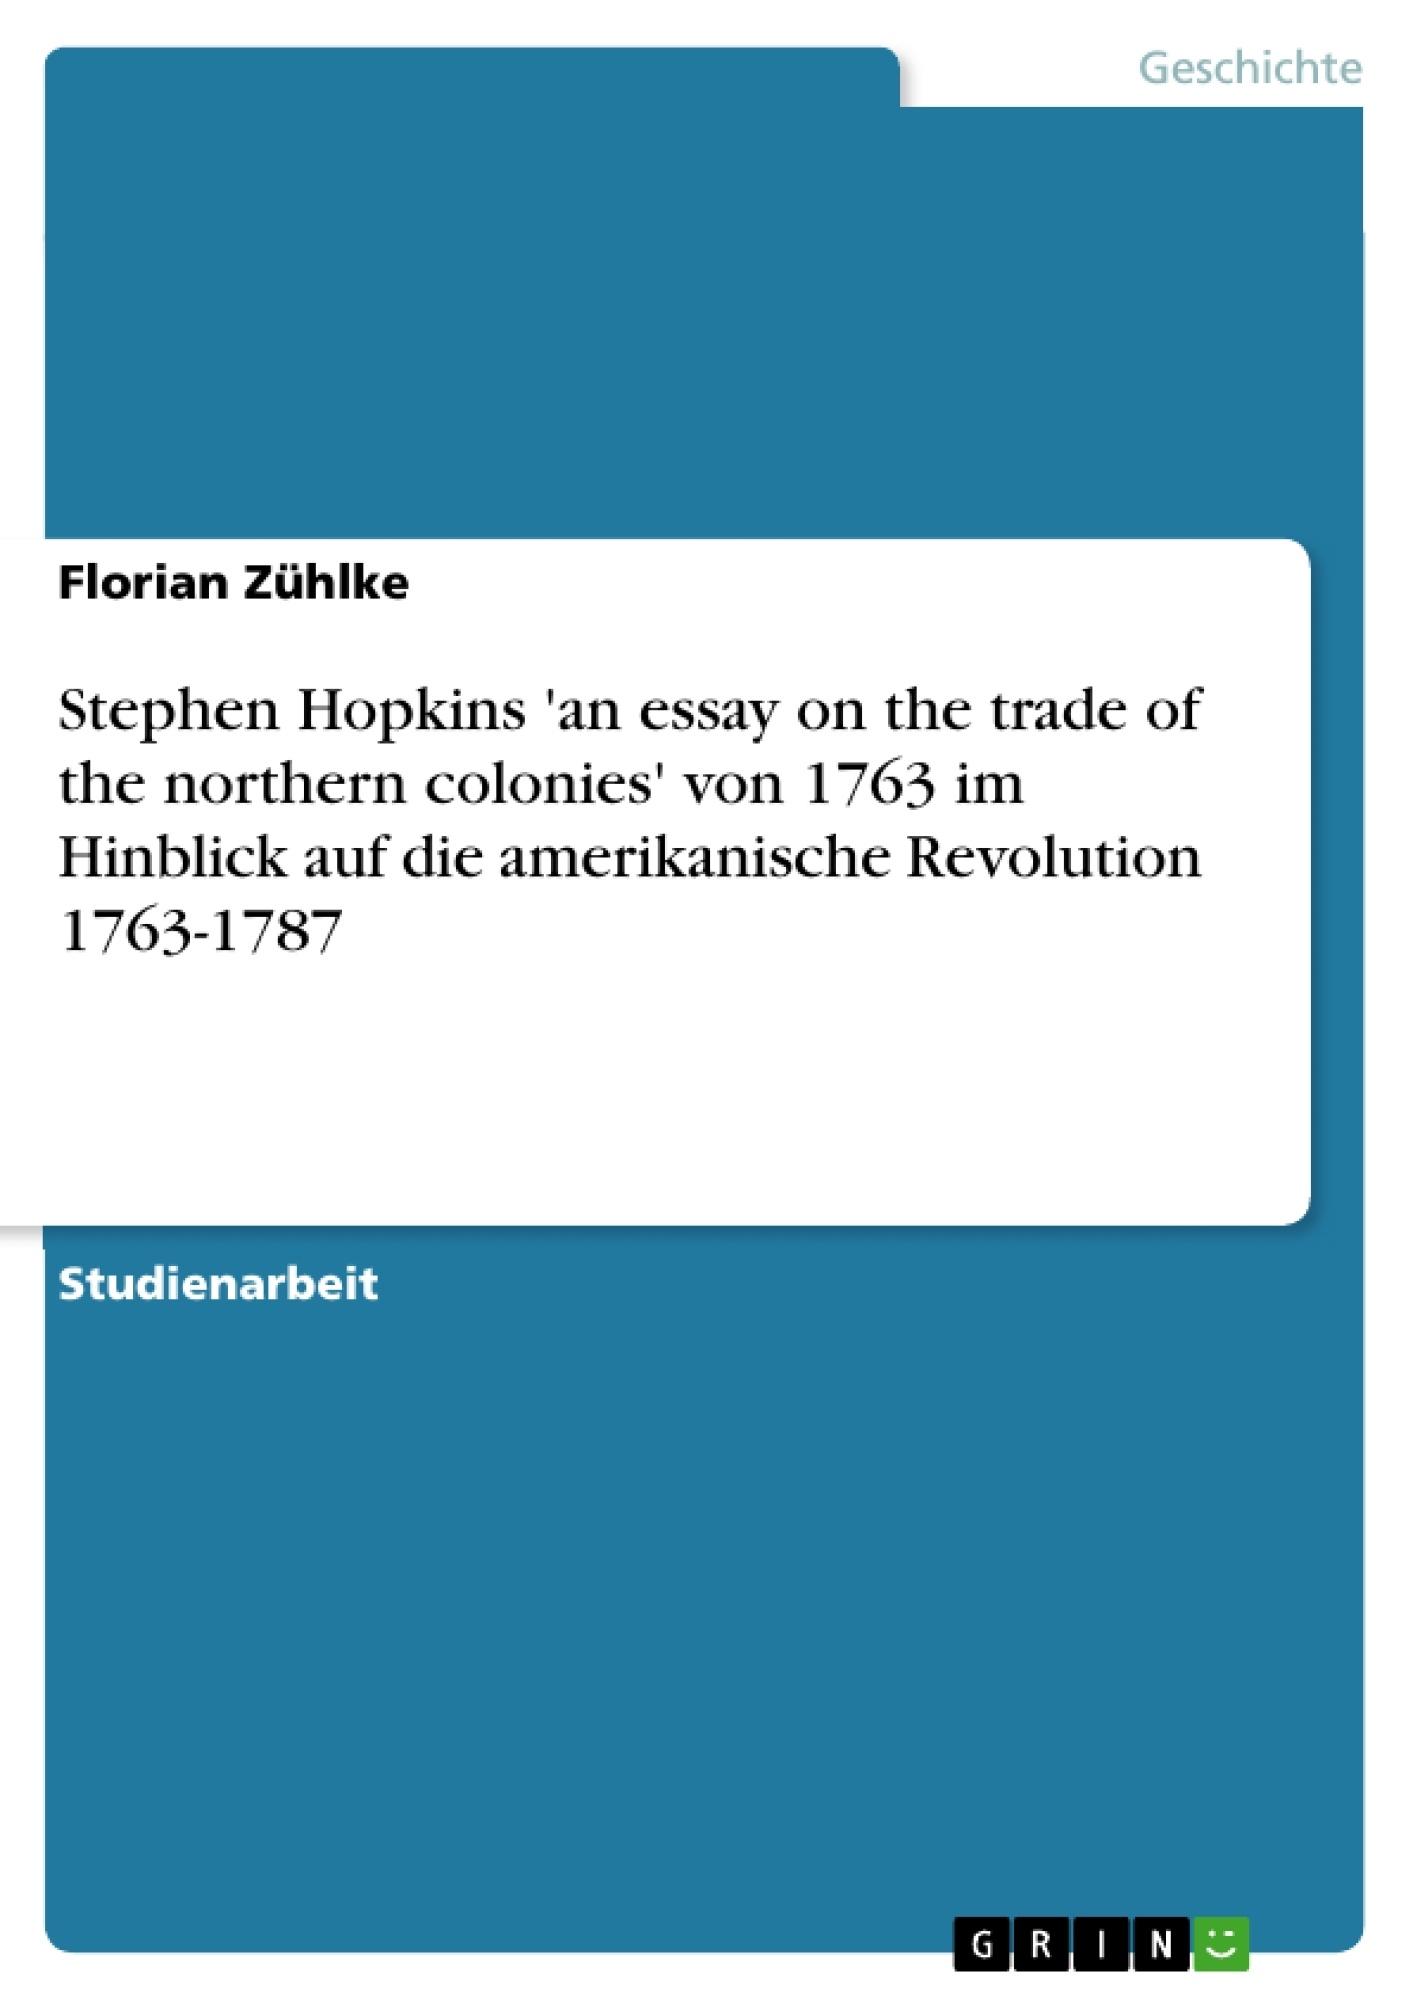 Titel: Stephen Hopkins 'an essay on the trade of the northern colonies' von 1763 im Hinblick auf die amerikanische Revolution 1763-1787